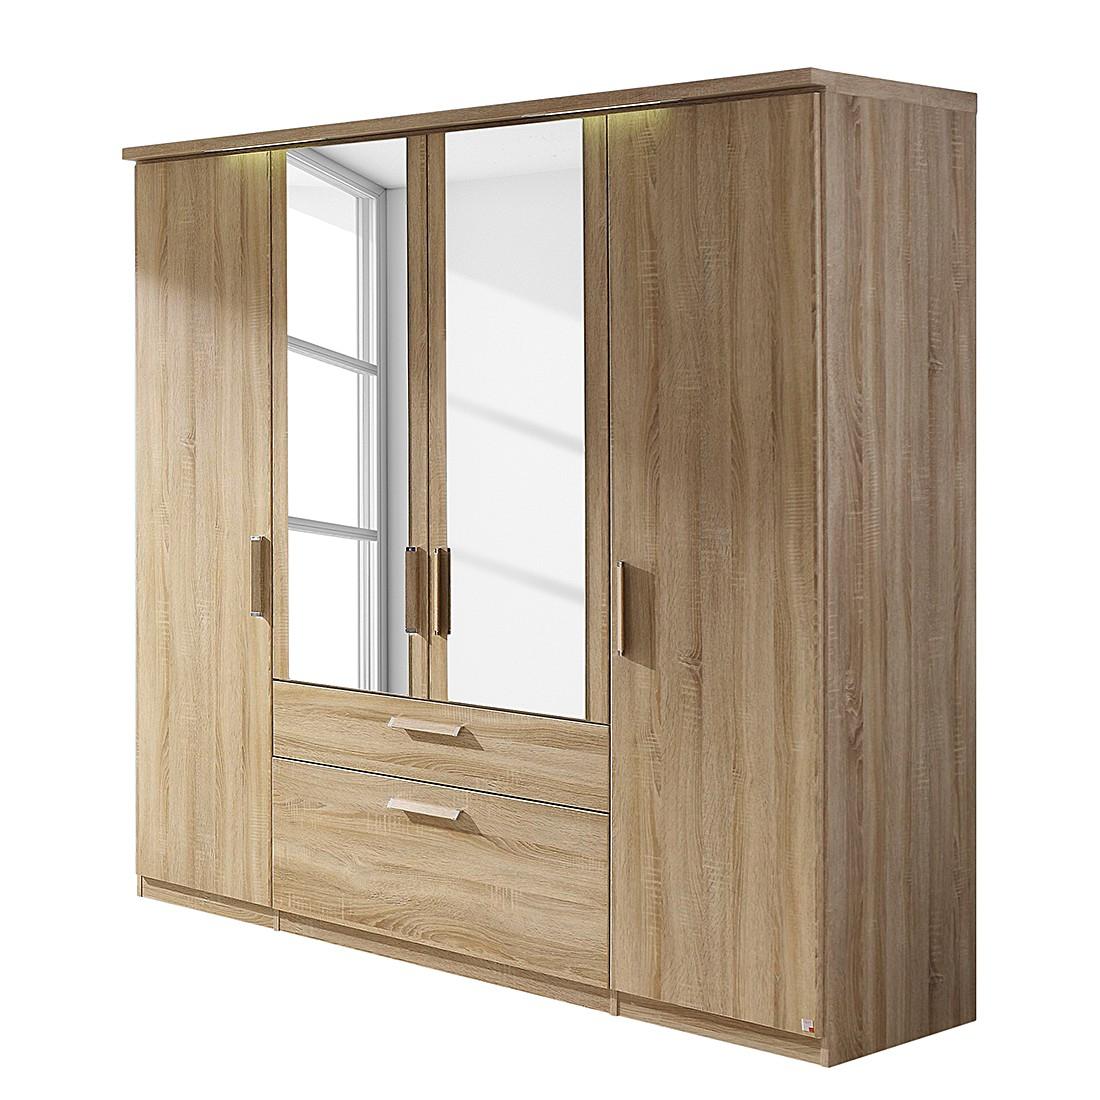 EEK A+, Armoire à portes battantes Evelyn II - Imitation chêne de Sonoma - Avec éclairage - 151 cm (